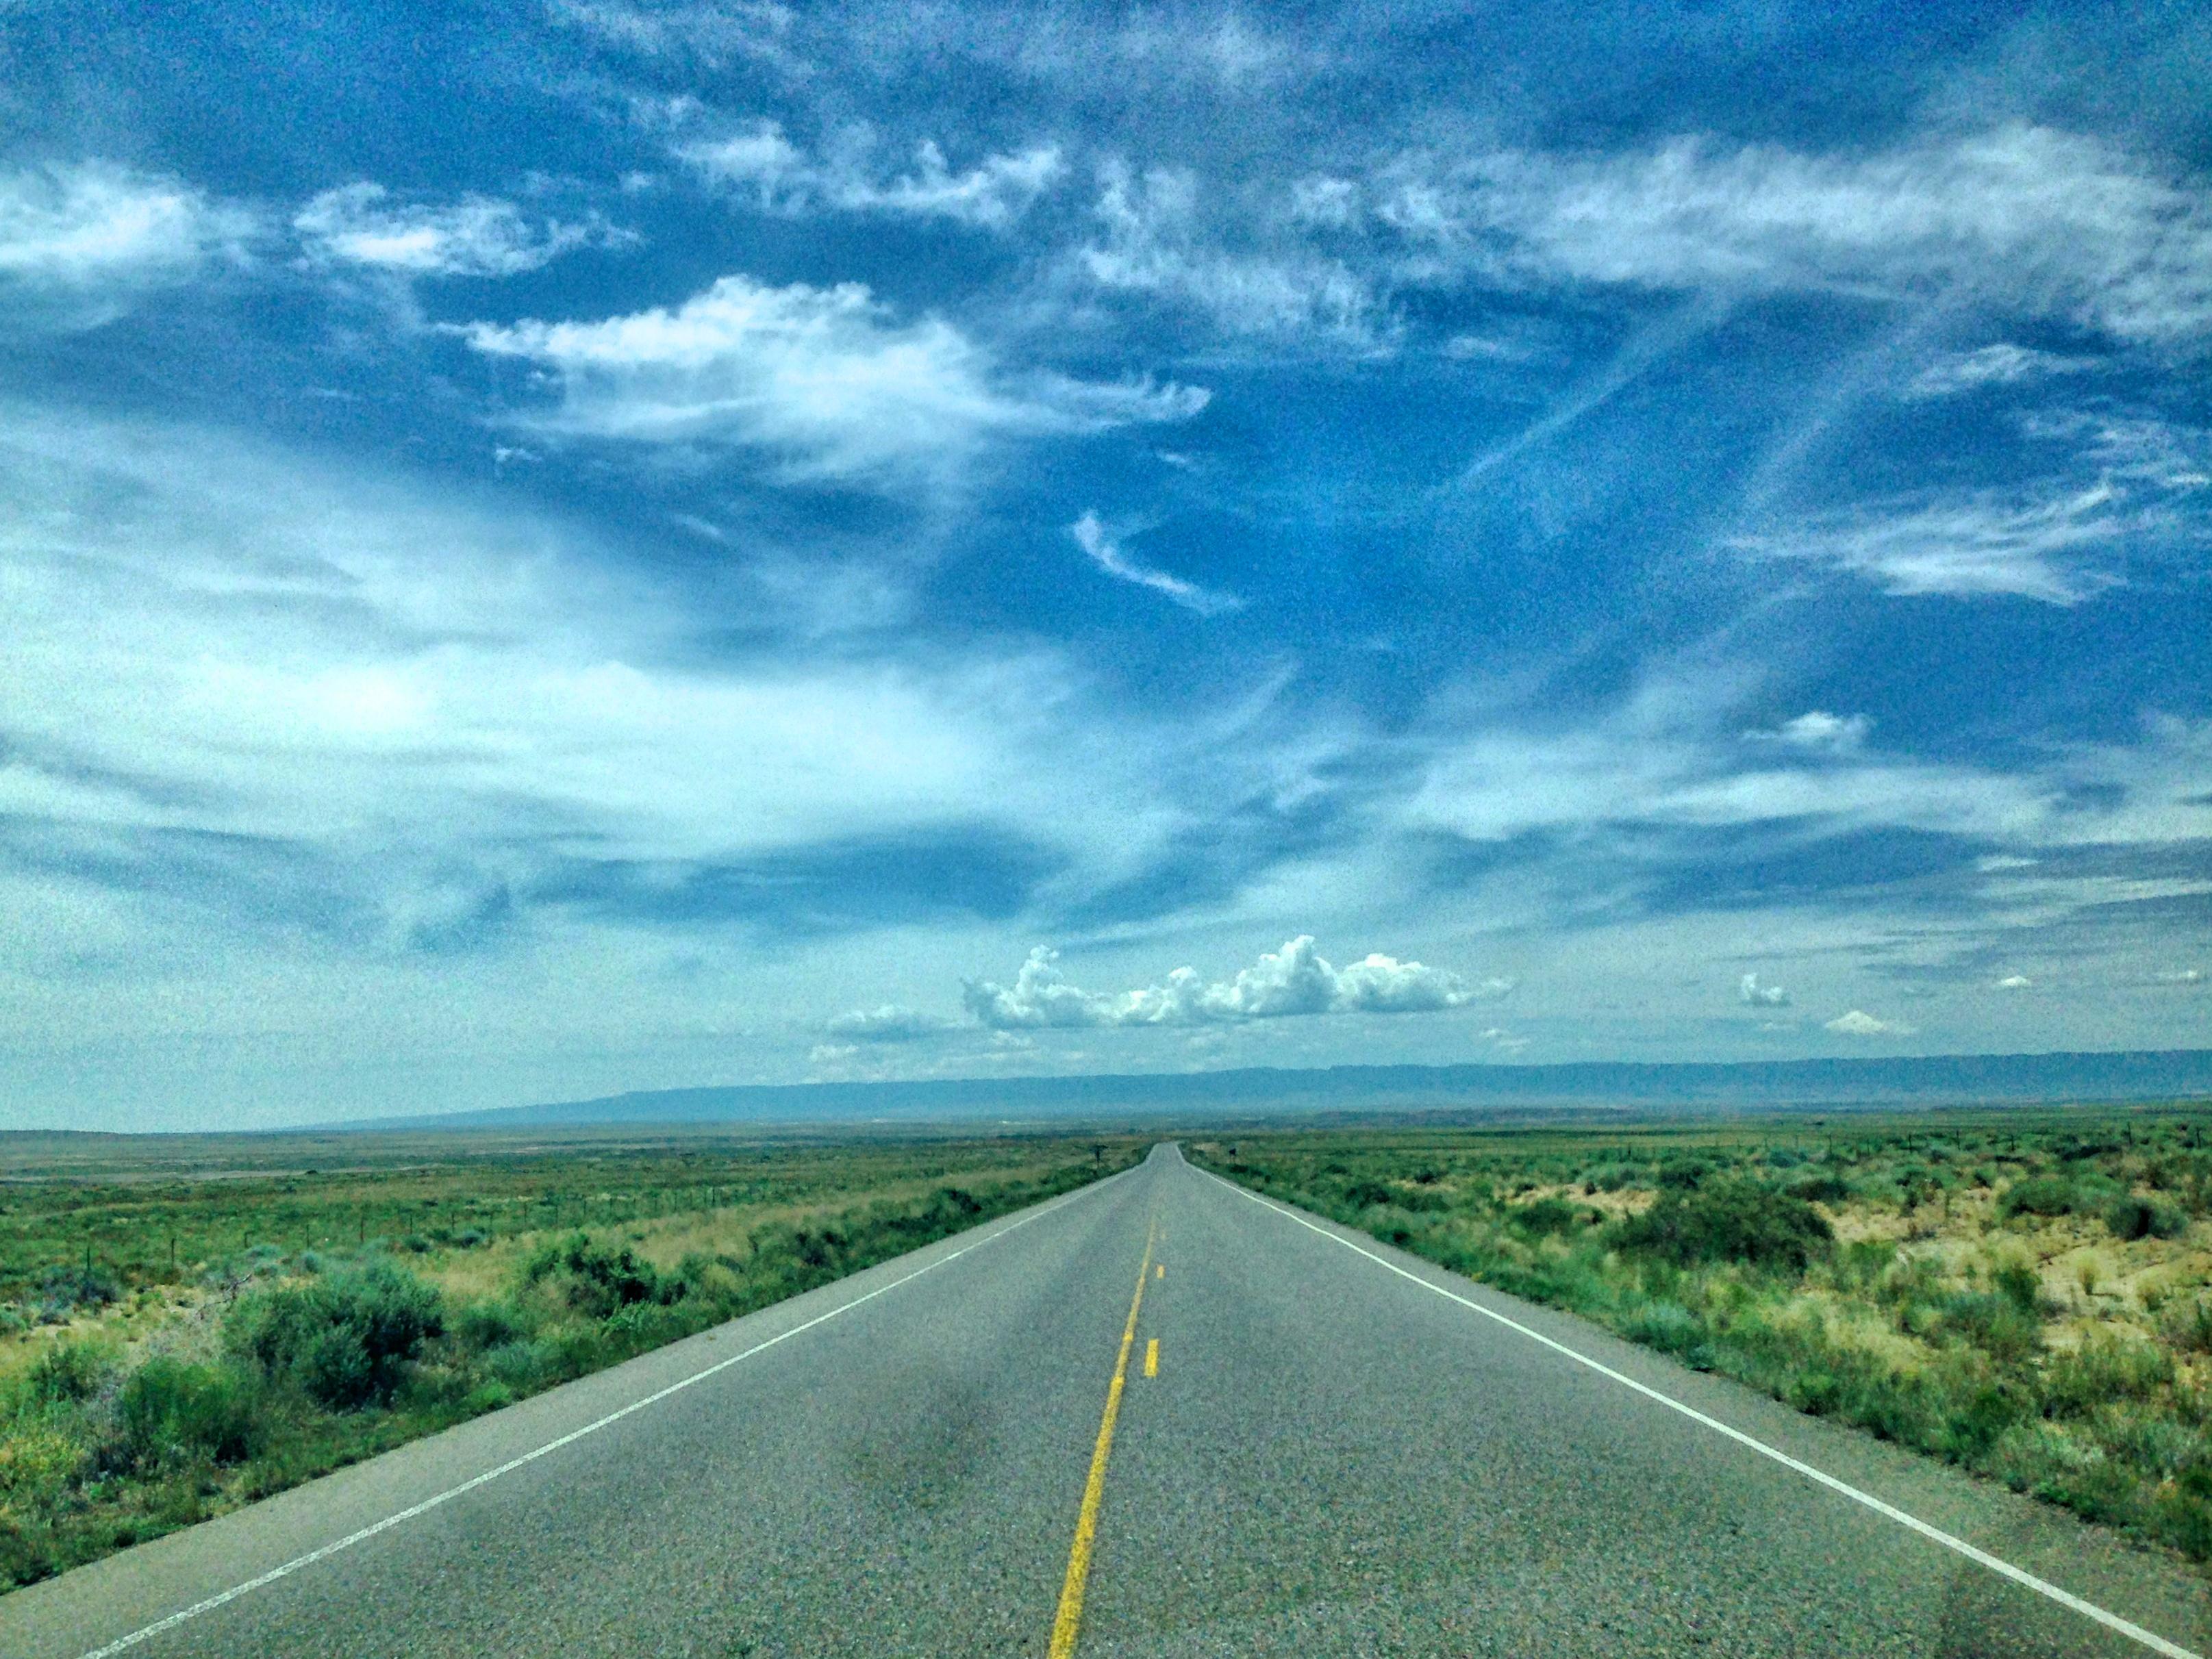 именно именно горизонт небо дорога шоссе красивые картинки только